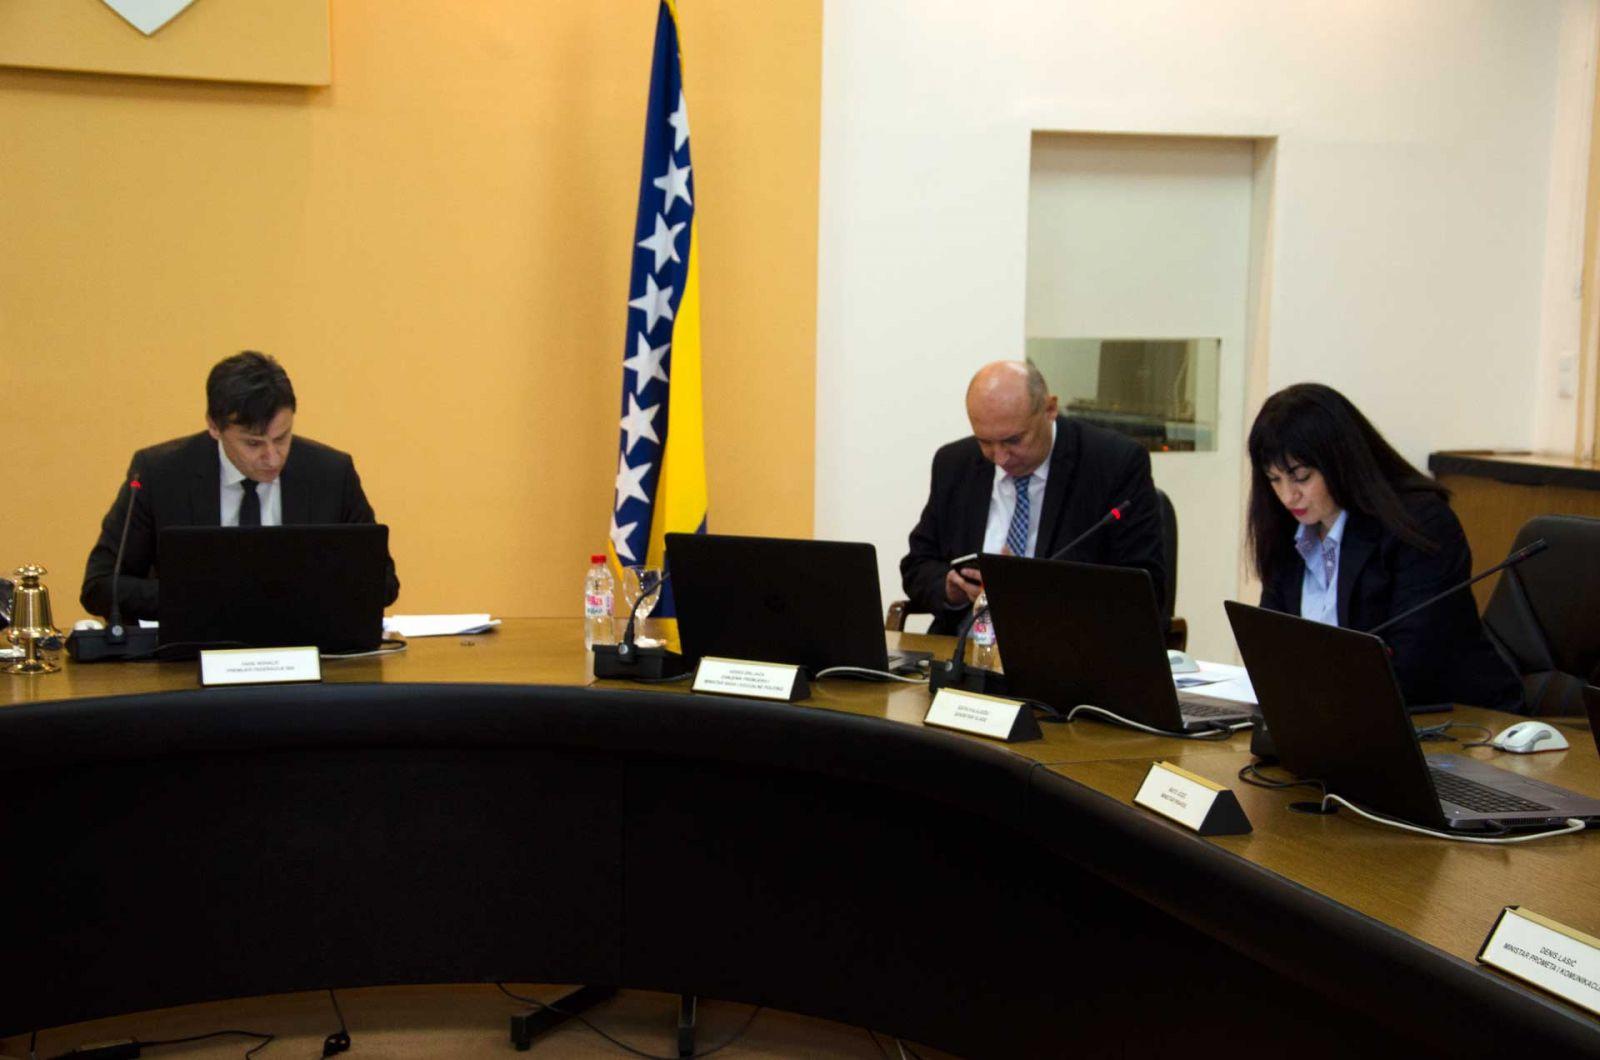 Za povećanje energetske efikasnosti javnih objekata Vlada FBiH odobrila milion KM